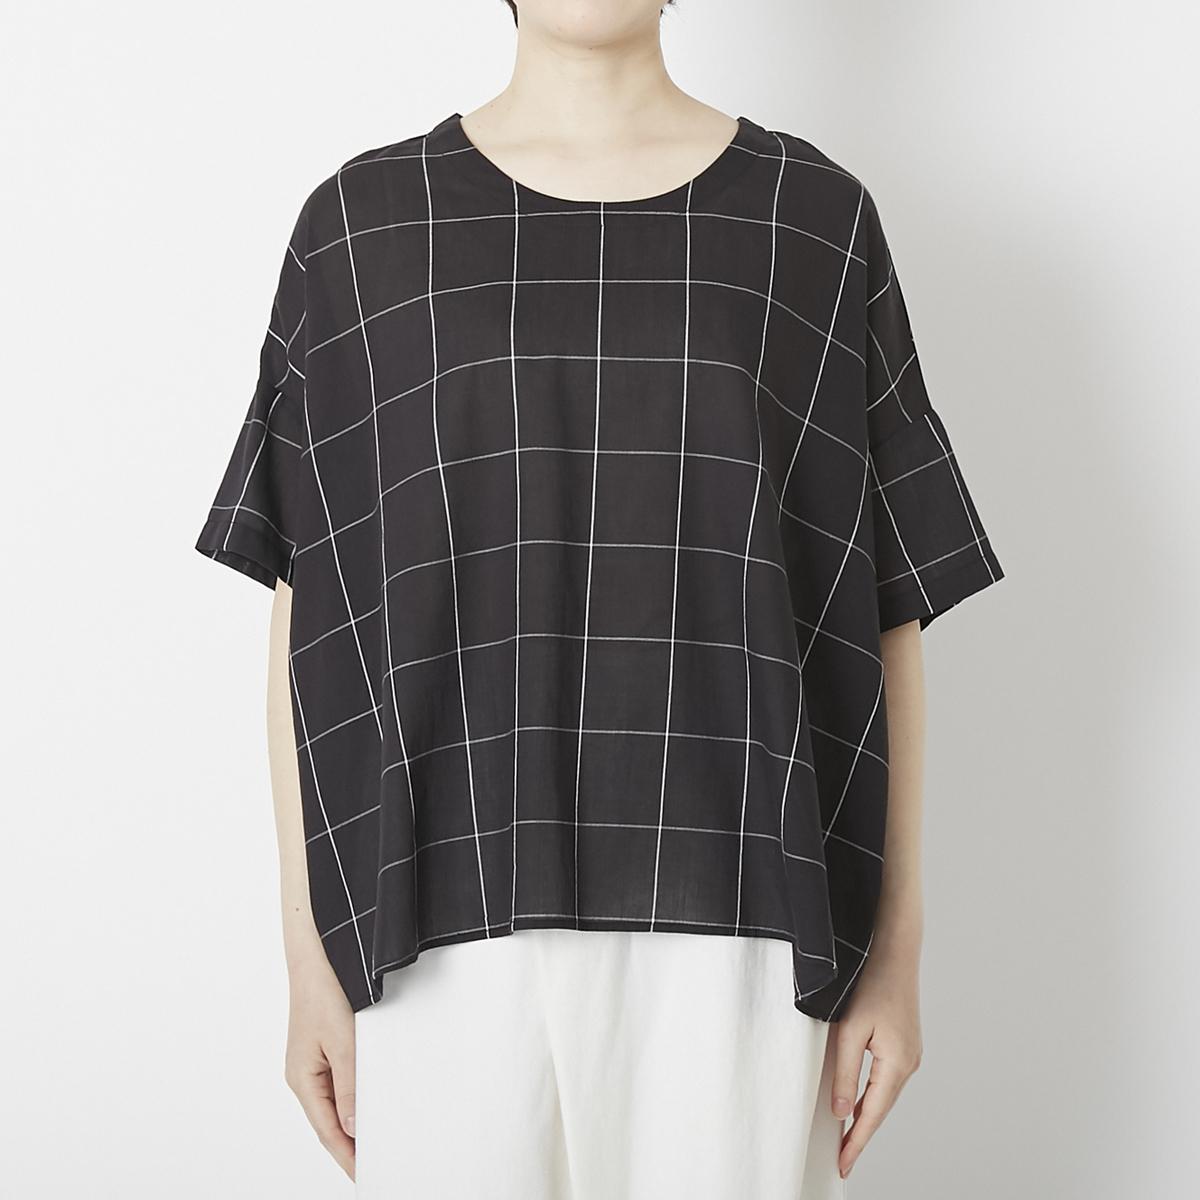 強撚コットンの涼しいシンプルTシャツ(ウインドウペン)